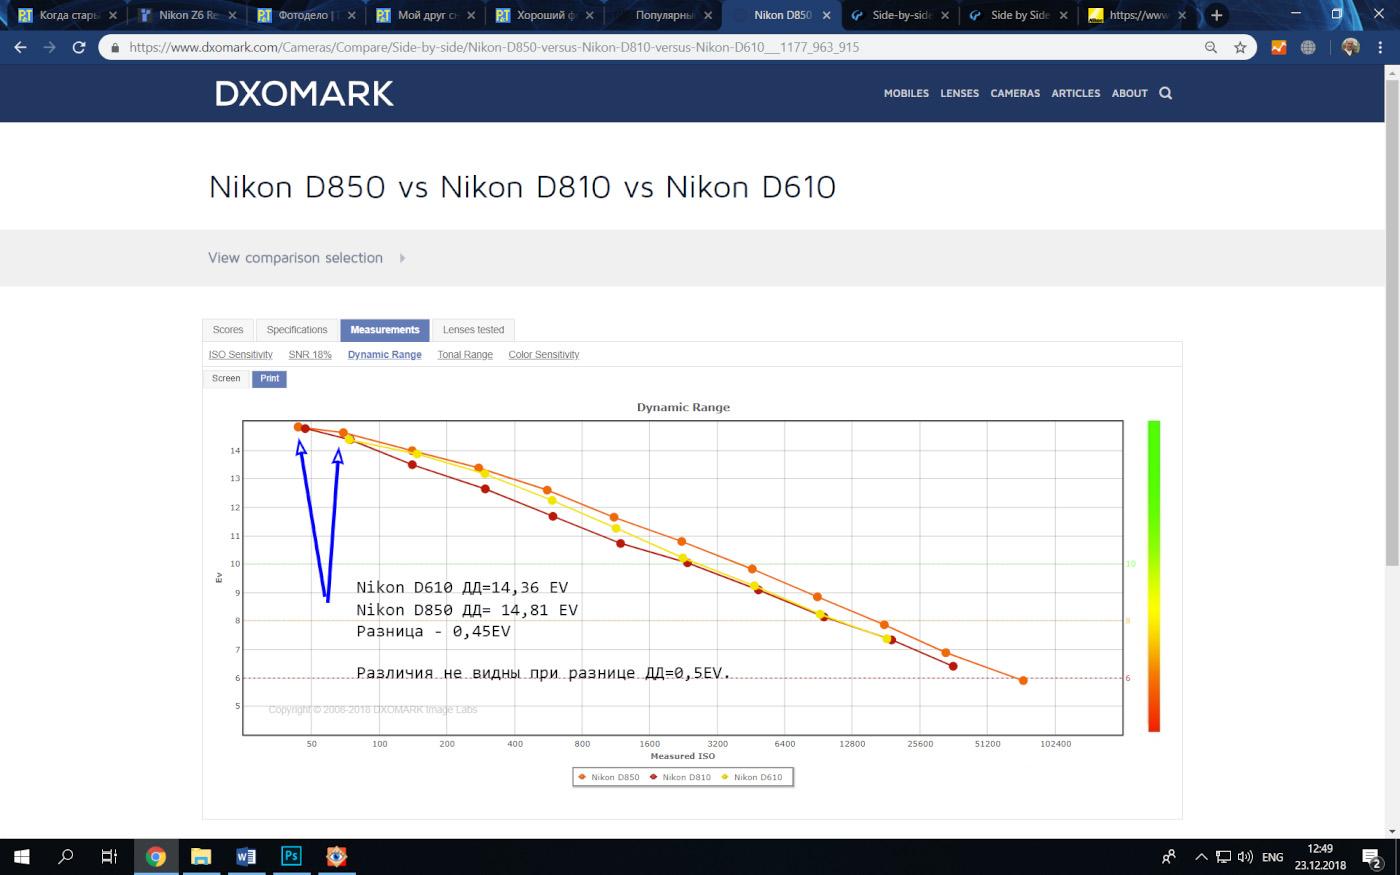 43. График изменения динамического диапазона полнокадровых зеркалок Nikon D610, D810 и D850 в зависимости от выставленного ISO. Разница в 0.5 EV глазу не заметна.